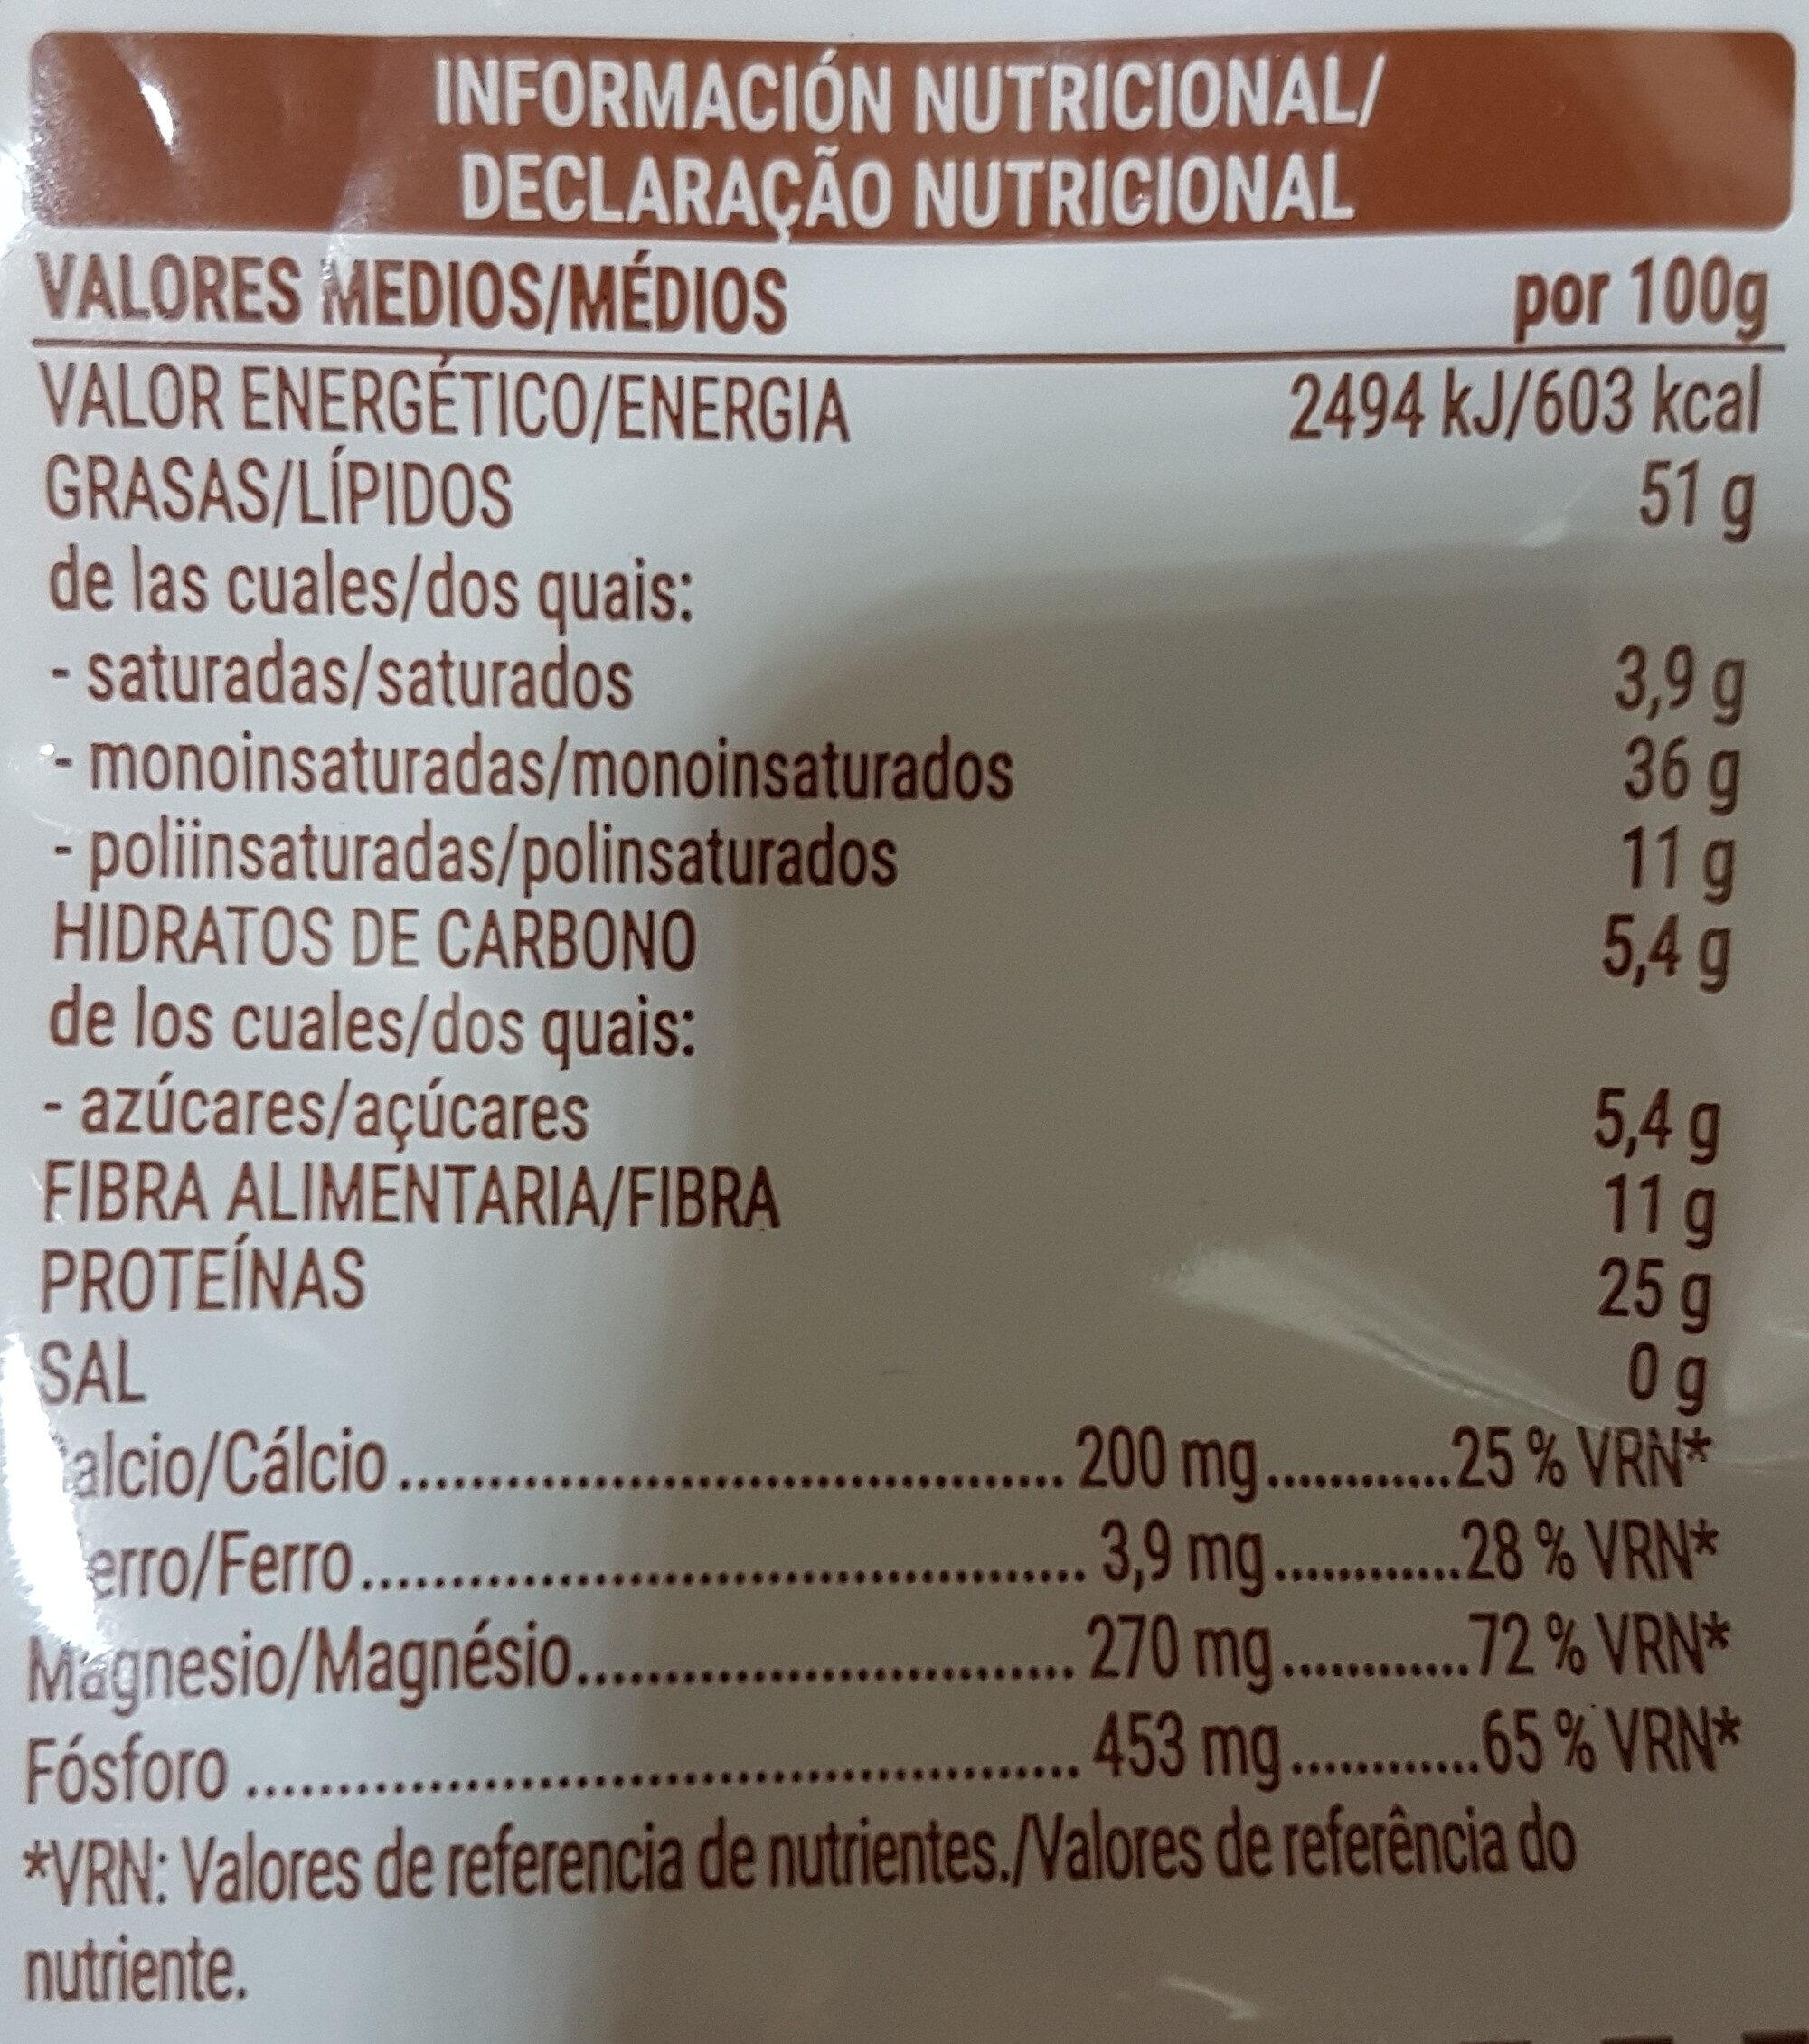 Almendra natural - Informations nutritionnelles - es